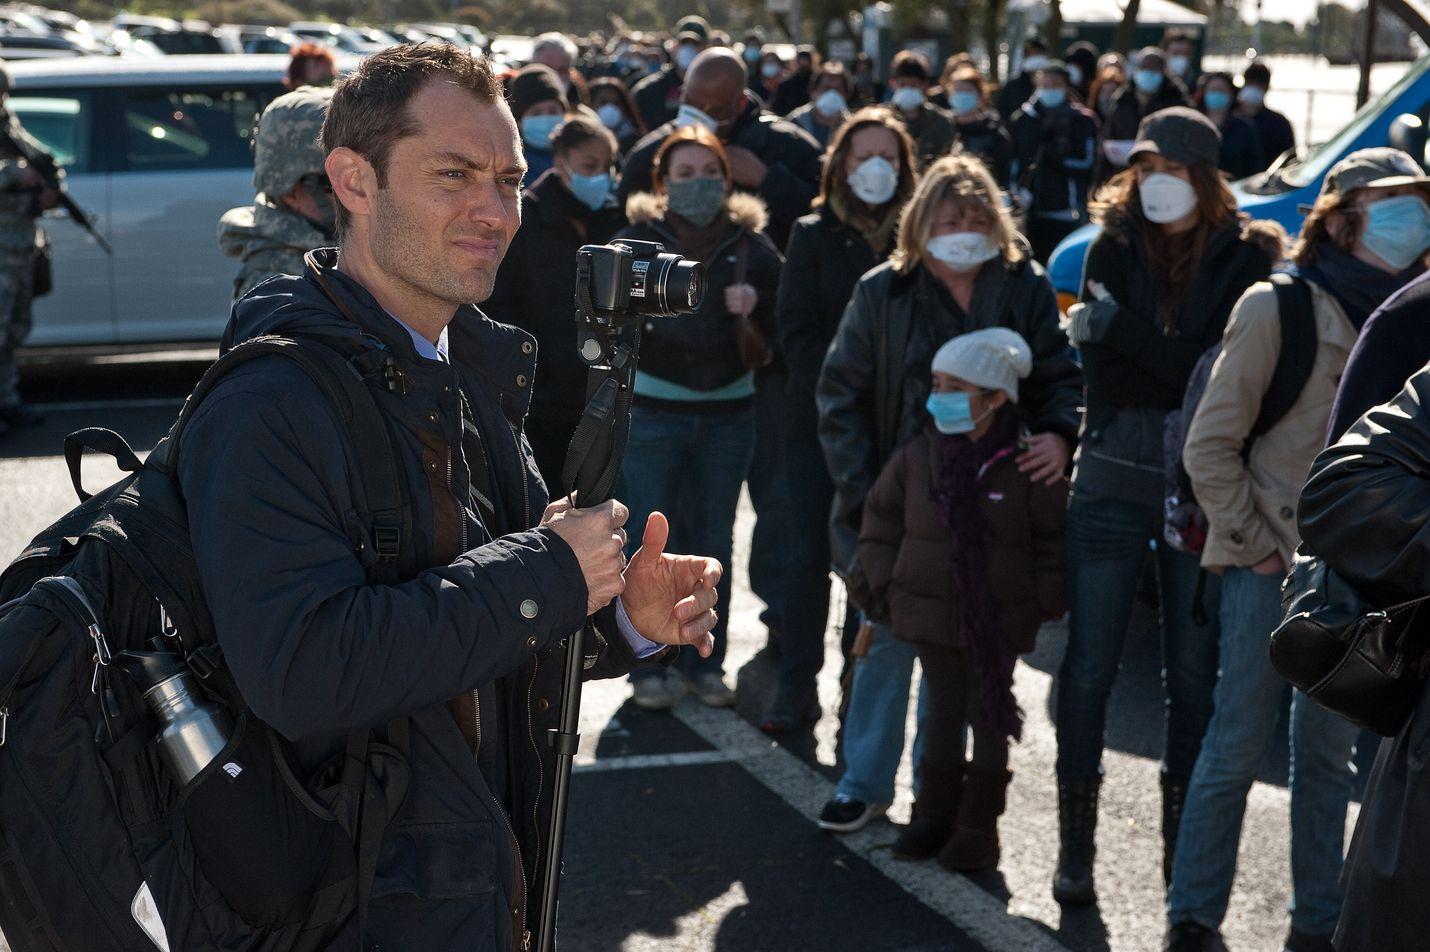 Kymmenisen vuotta vanha elokuva Tartunta (Contagion) kertoo Aasiasta leviävästä tappavasta viruksesta. Jude Law esittää videobloggaria, joka ei usko virallisiin tietoihin viruksesta ja sen hoidosta, vaan levittää salaliittoteorioita ja vaihtoehtohoitoja.